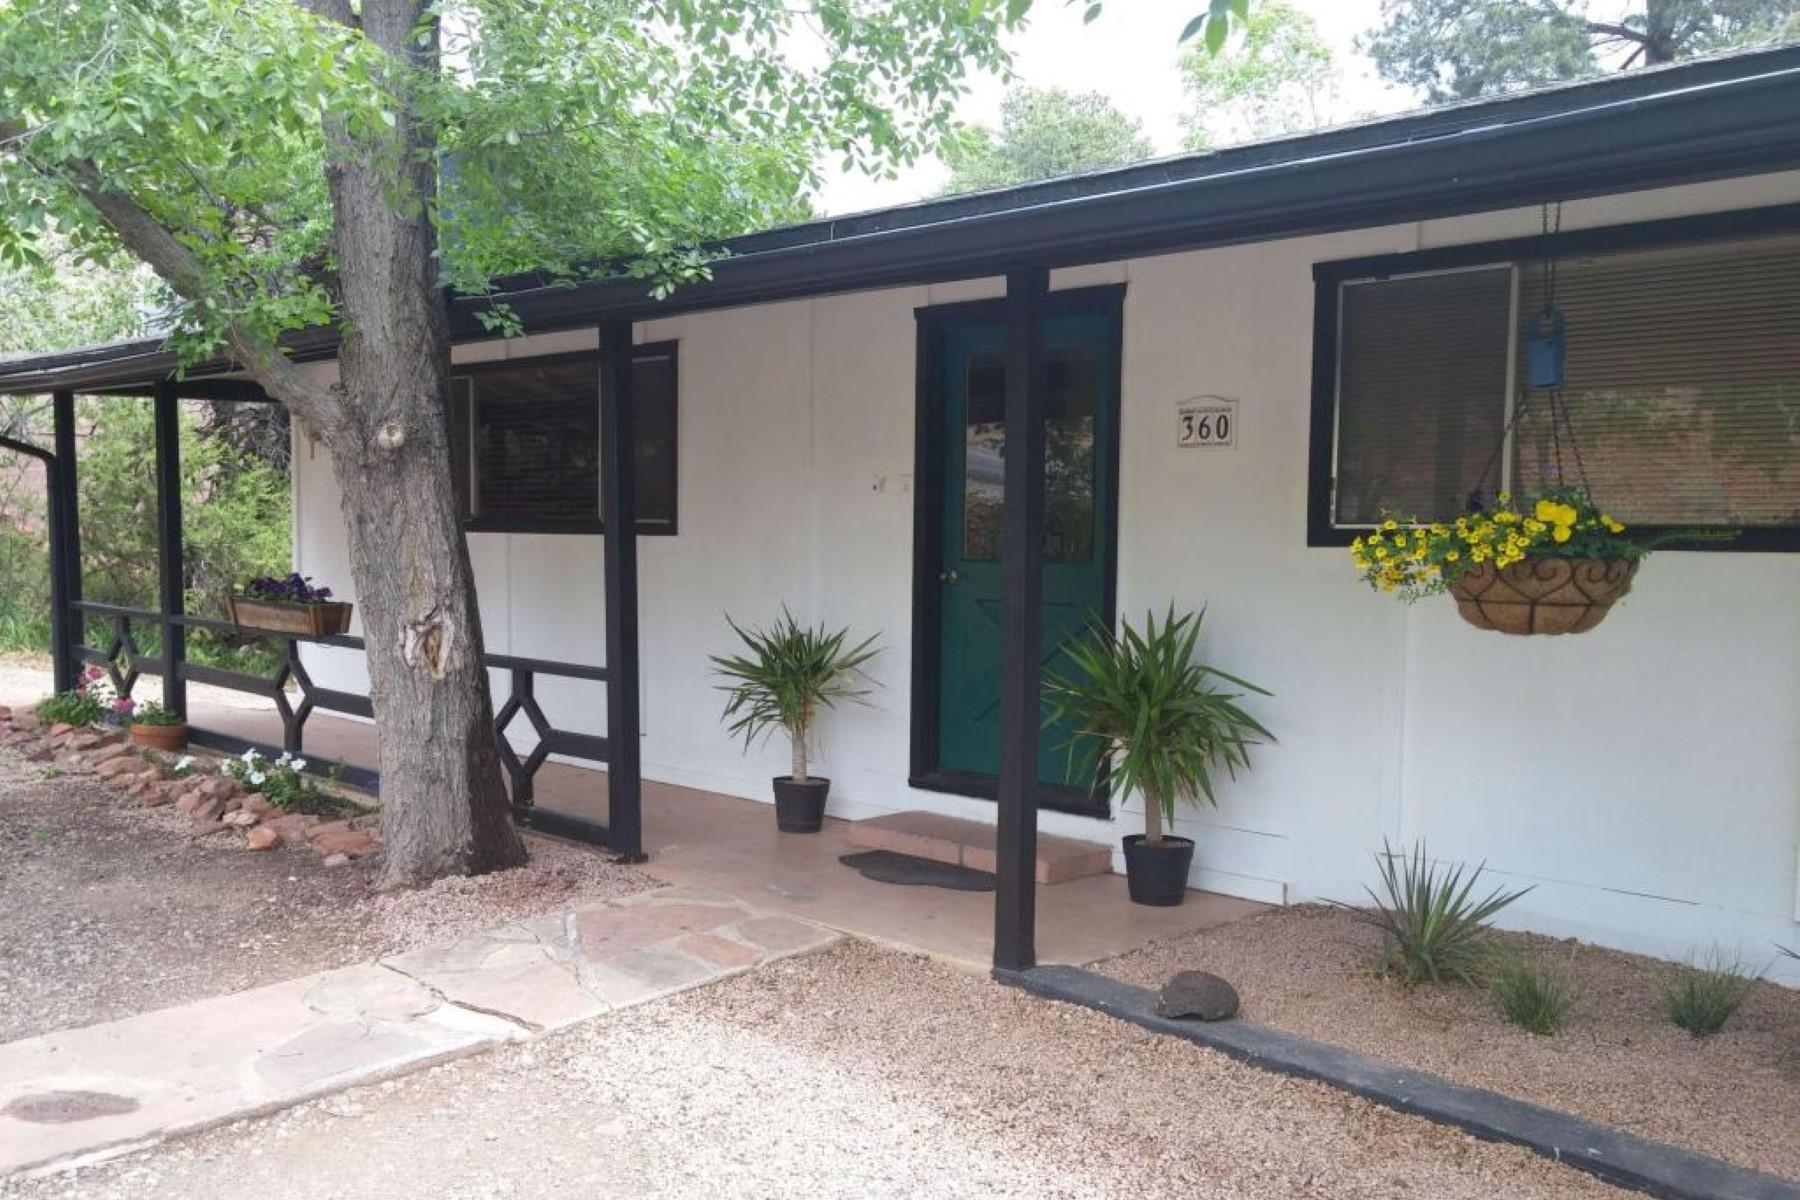 一戸建て のために 売買 アット A charming, ''cottage-like'' home. 360 Coffee Pot Drive Sedona, アリゾナ 86336 アメリカ合衆国